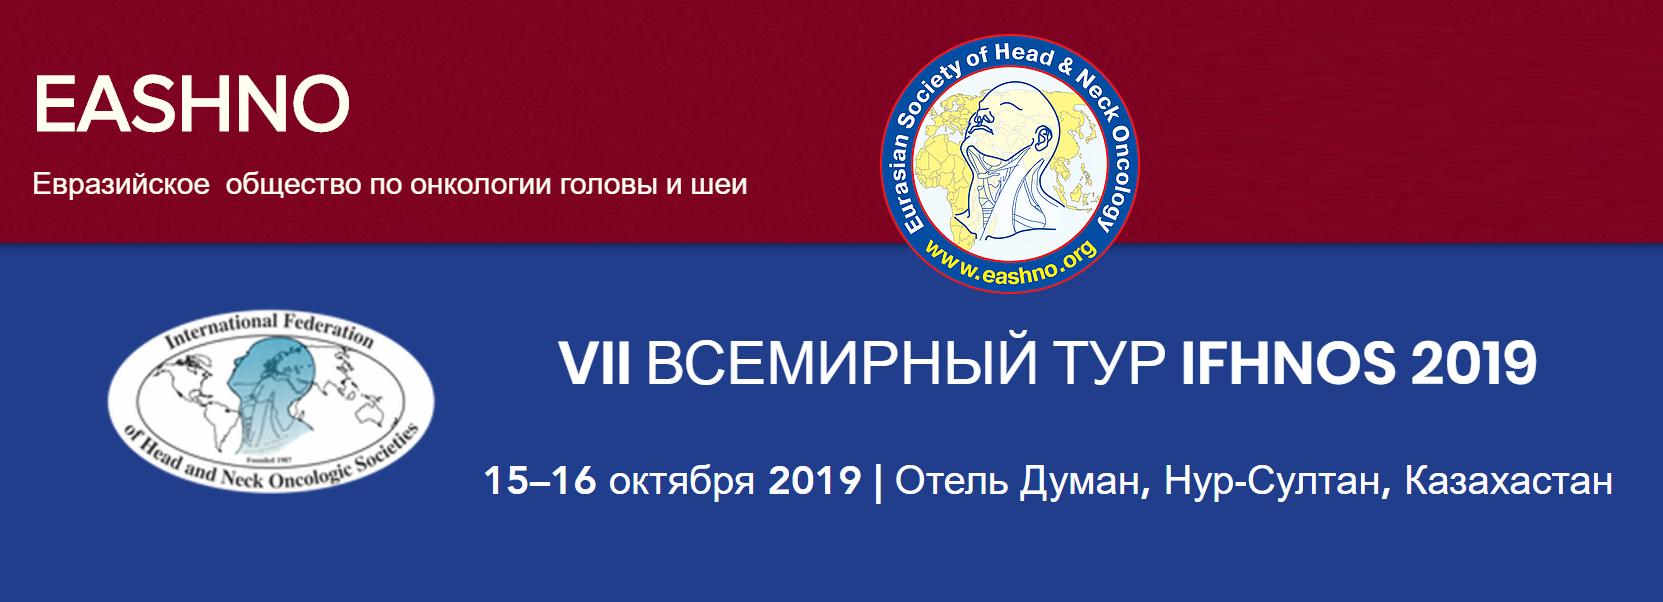 VII Всемирный тур по онкологии головы и шеи IFHNOS 2019